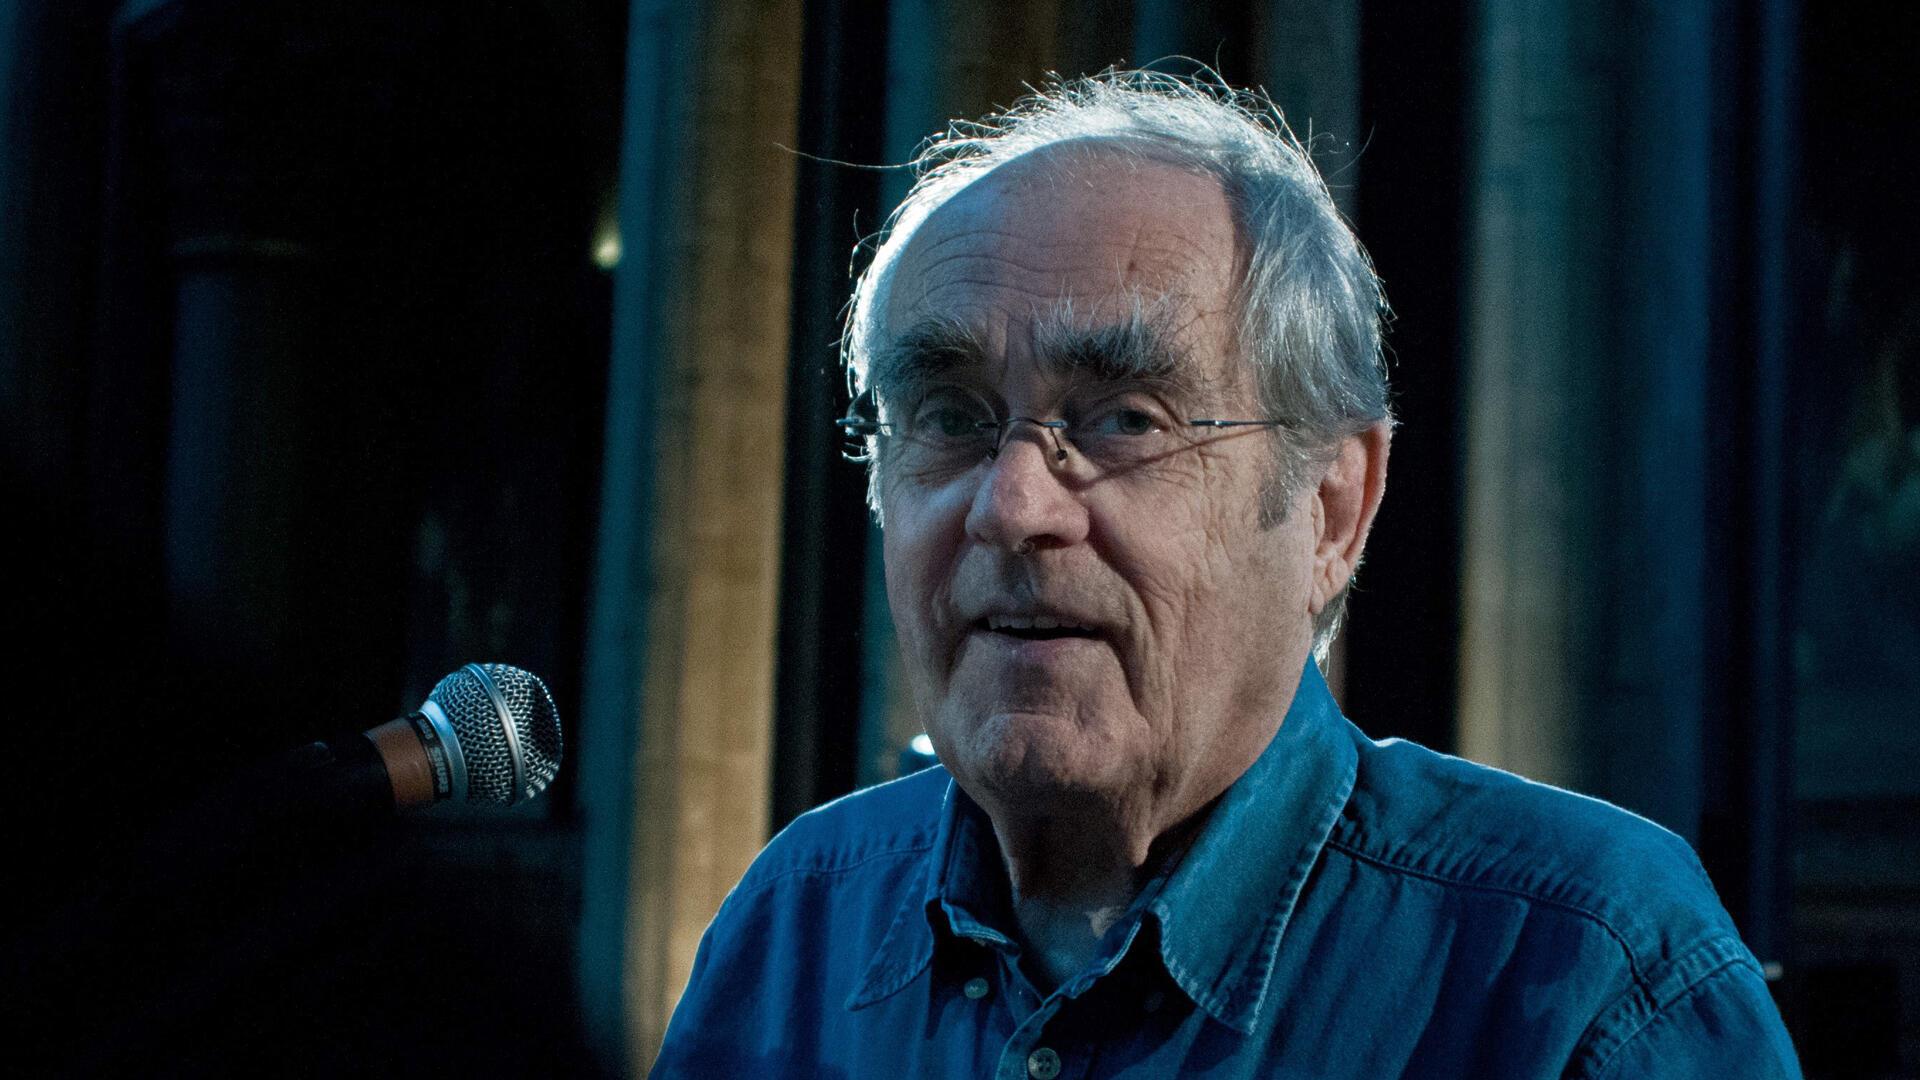 Michel Legrand, lors d'un concert live, le 20 mai 2010, à l'Église Saint-Germain-des-Prés à Paris.